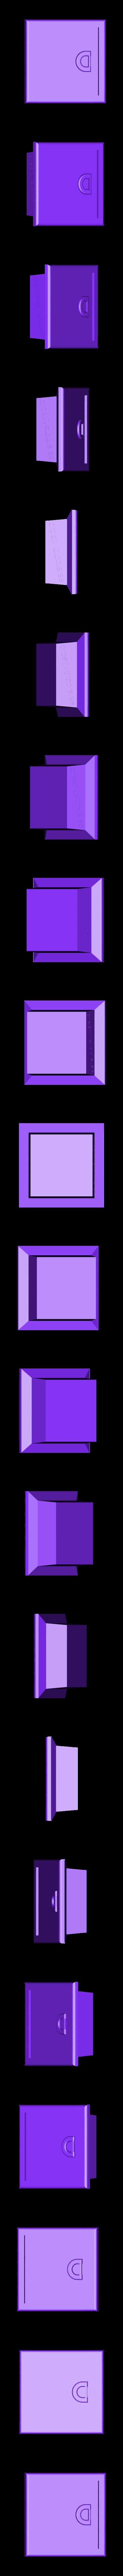 Hatch_Towers_(Modular Castle Playset - 3D-printable)_By_CreativeTools.se.stl Télécharger fichier STL gratuit Plateau modulaire de château (imprimable en 3D) • Modèle à imprimer en 3D, CreativeTools